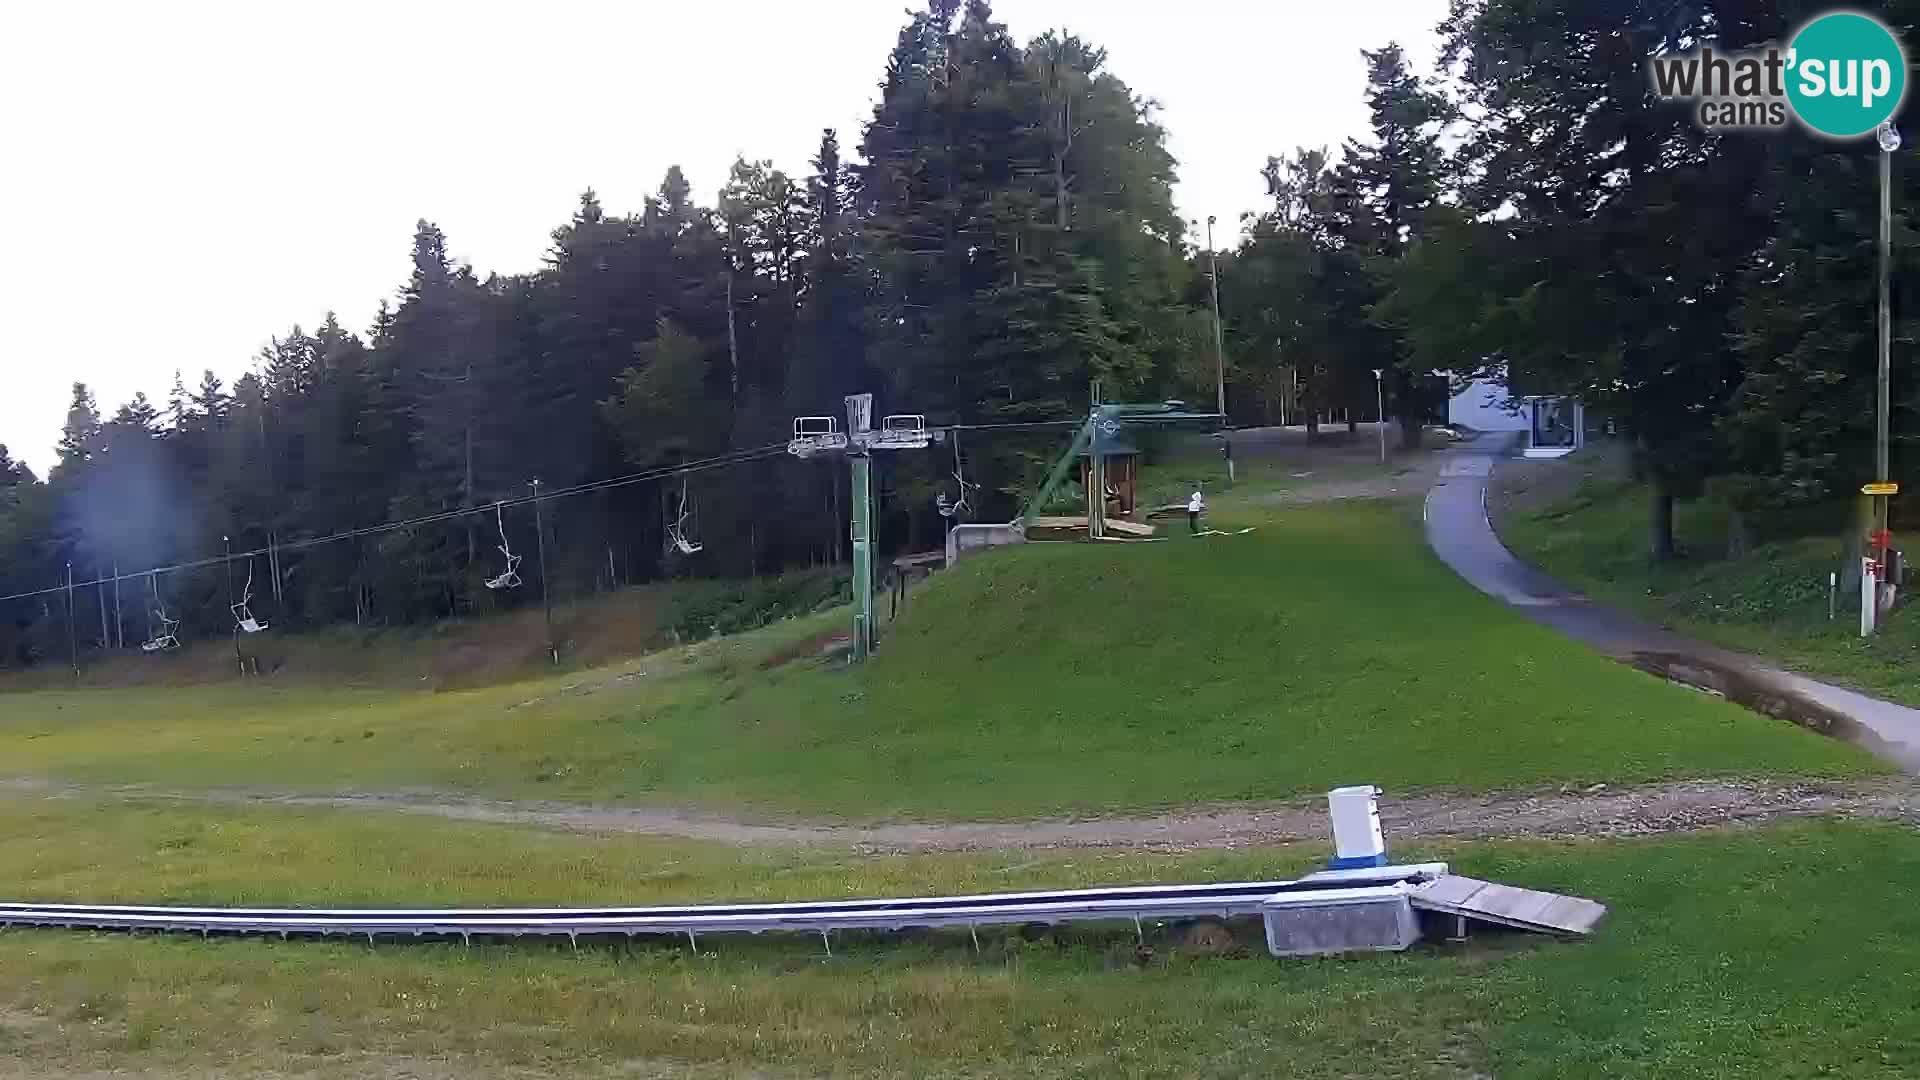 Station ski Livecam Maribor Pohorje – Bellevue